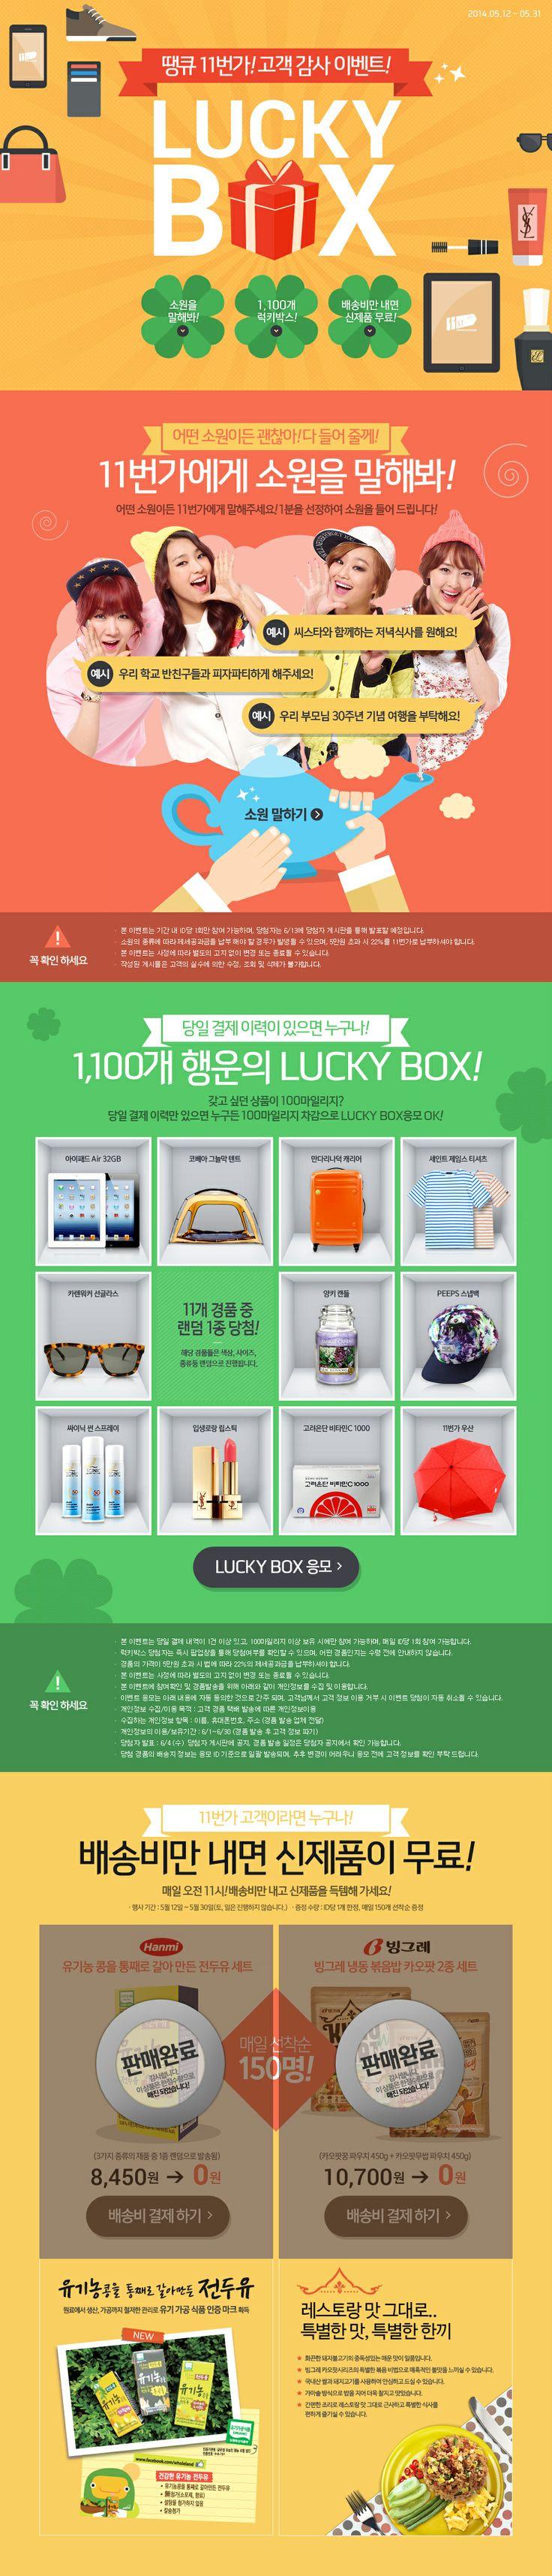 5월 행운의 LUCKY BOX 럭키박스 이벤트